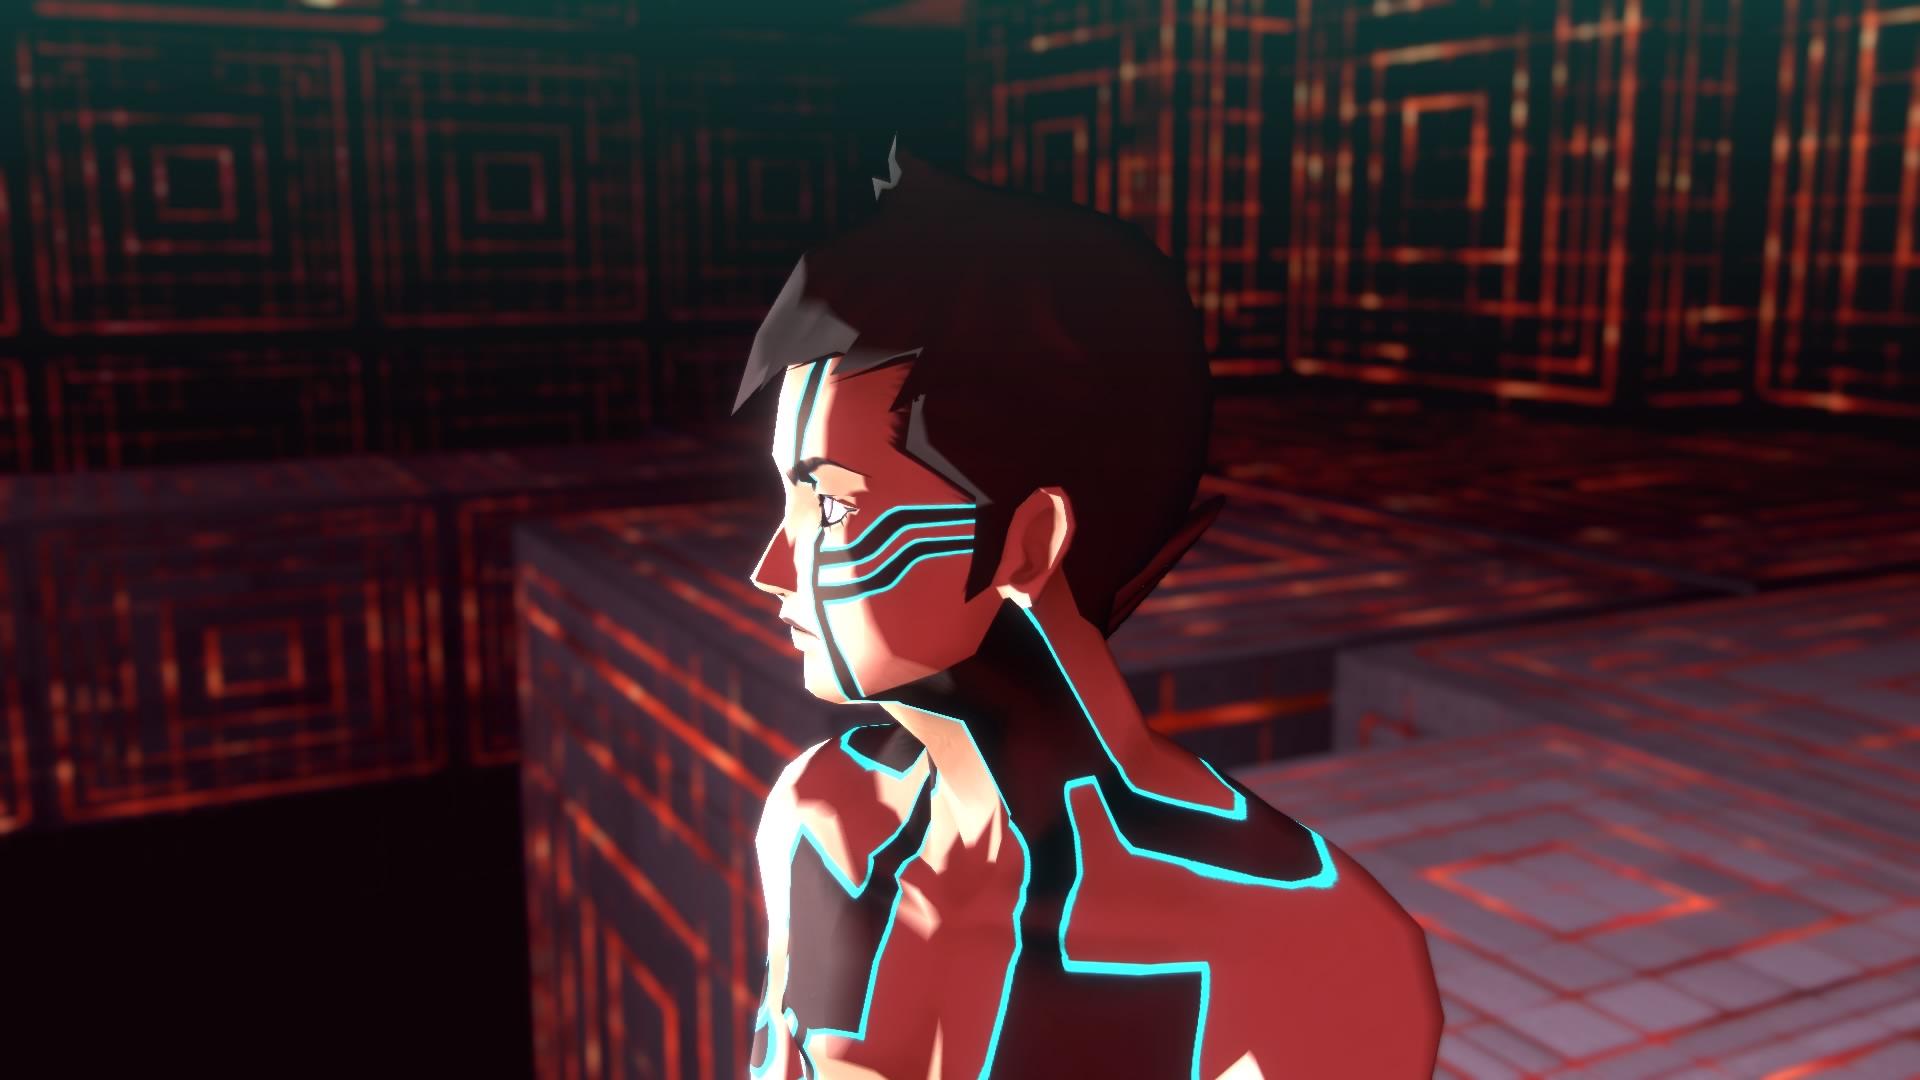 Shin Megami Tensei Nocturne HD Remaster